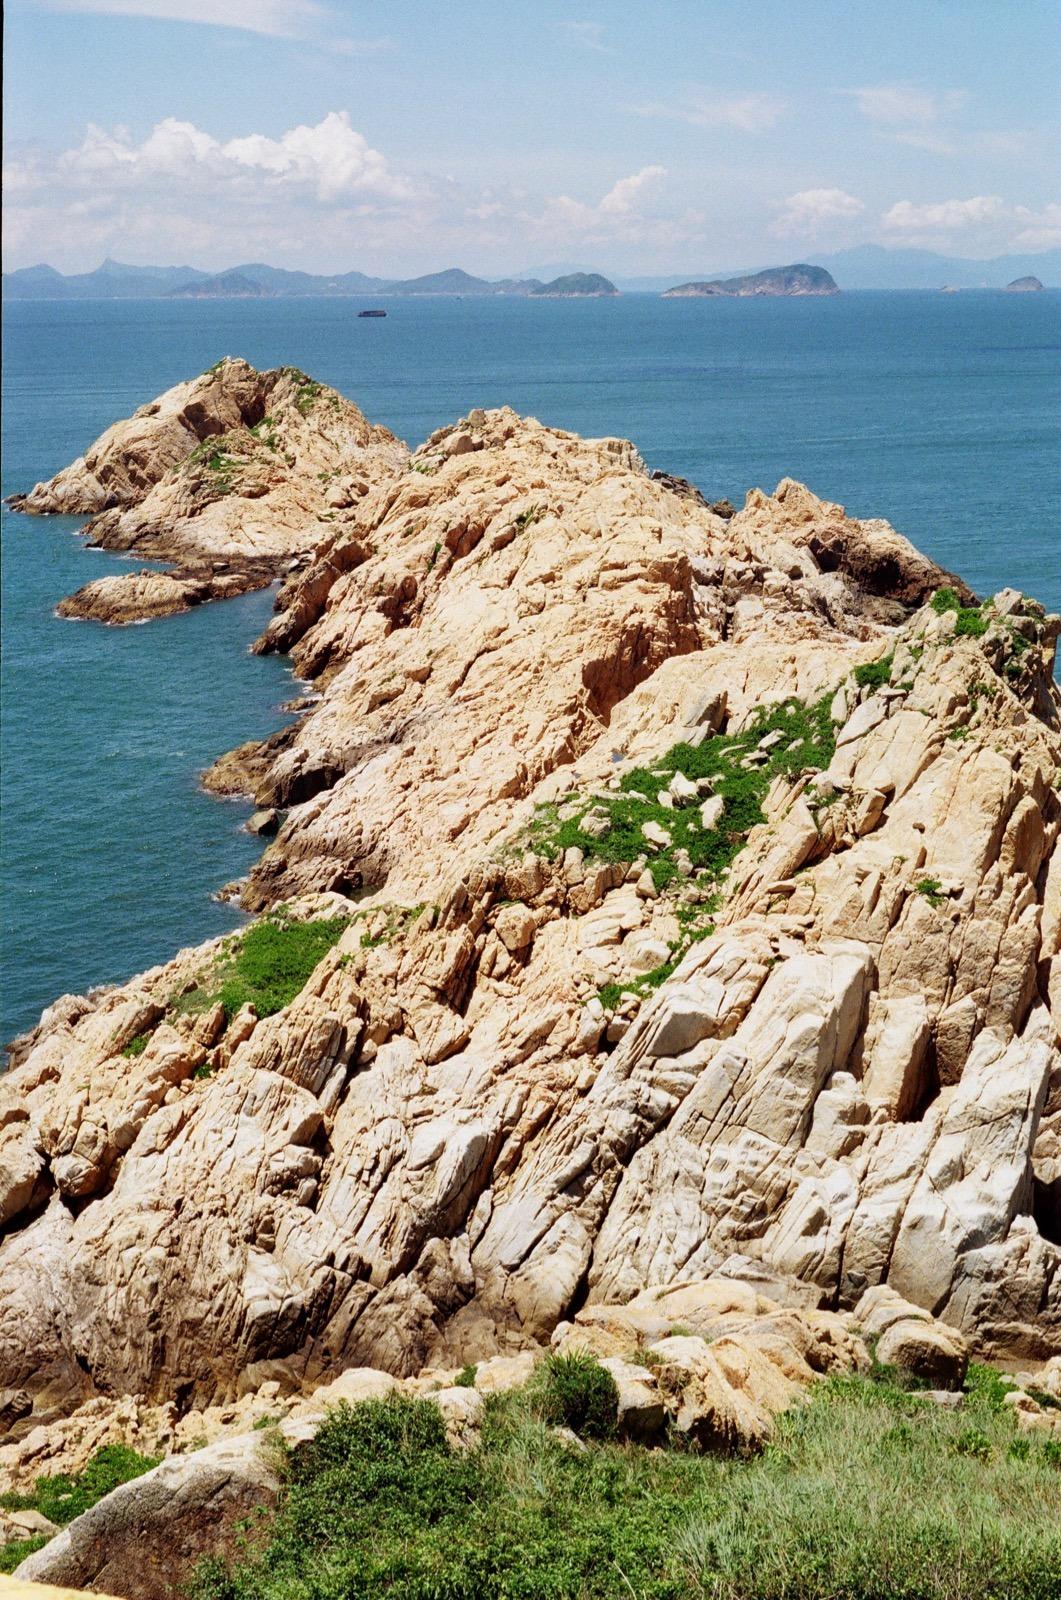 橫瀾島分為南北兩島,北島石骨嶙峋。